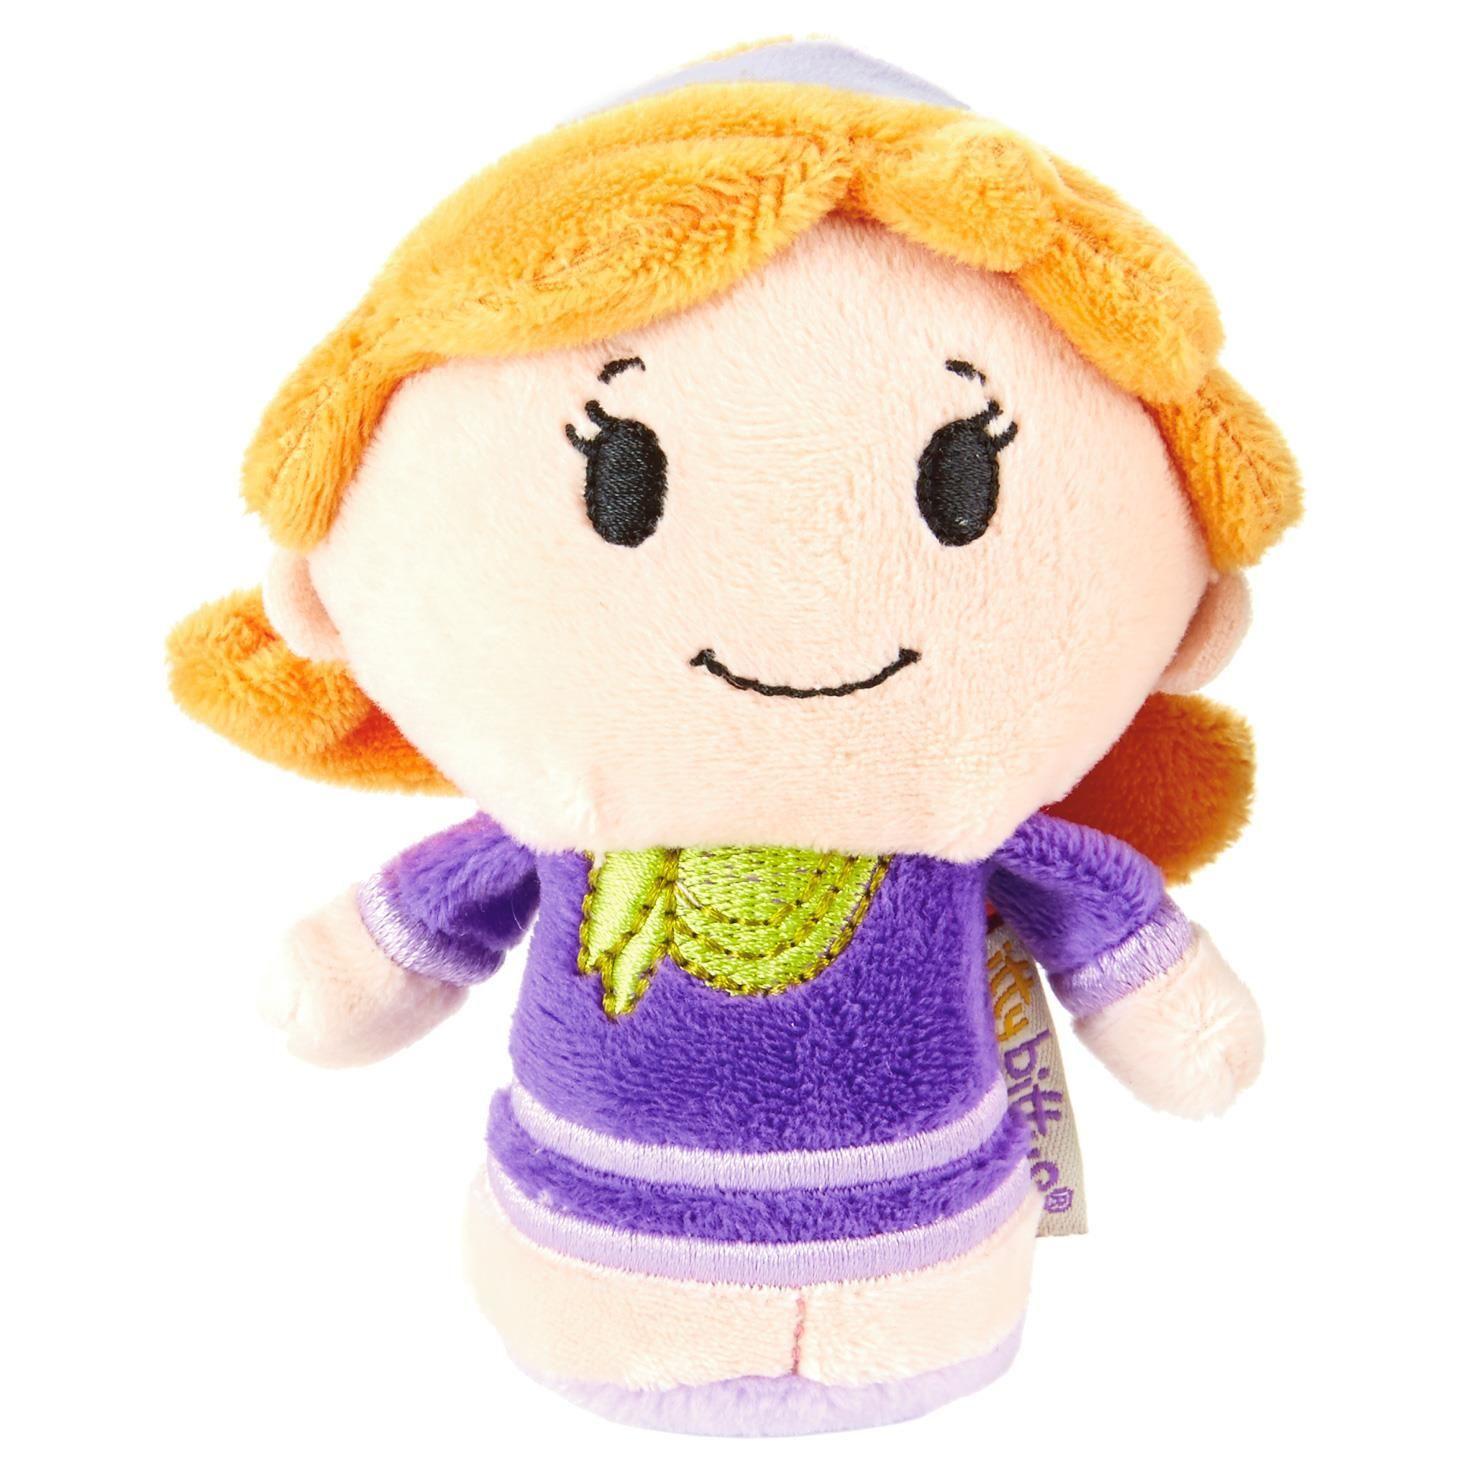 Daphne Itty Bittys Stuffed Animal Itty Bitty Itty Cute Plush